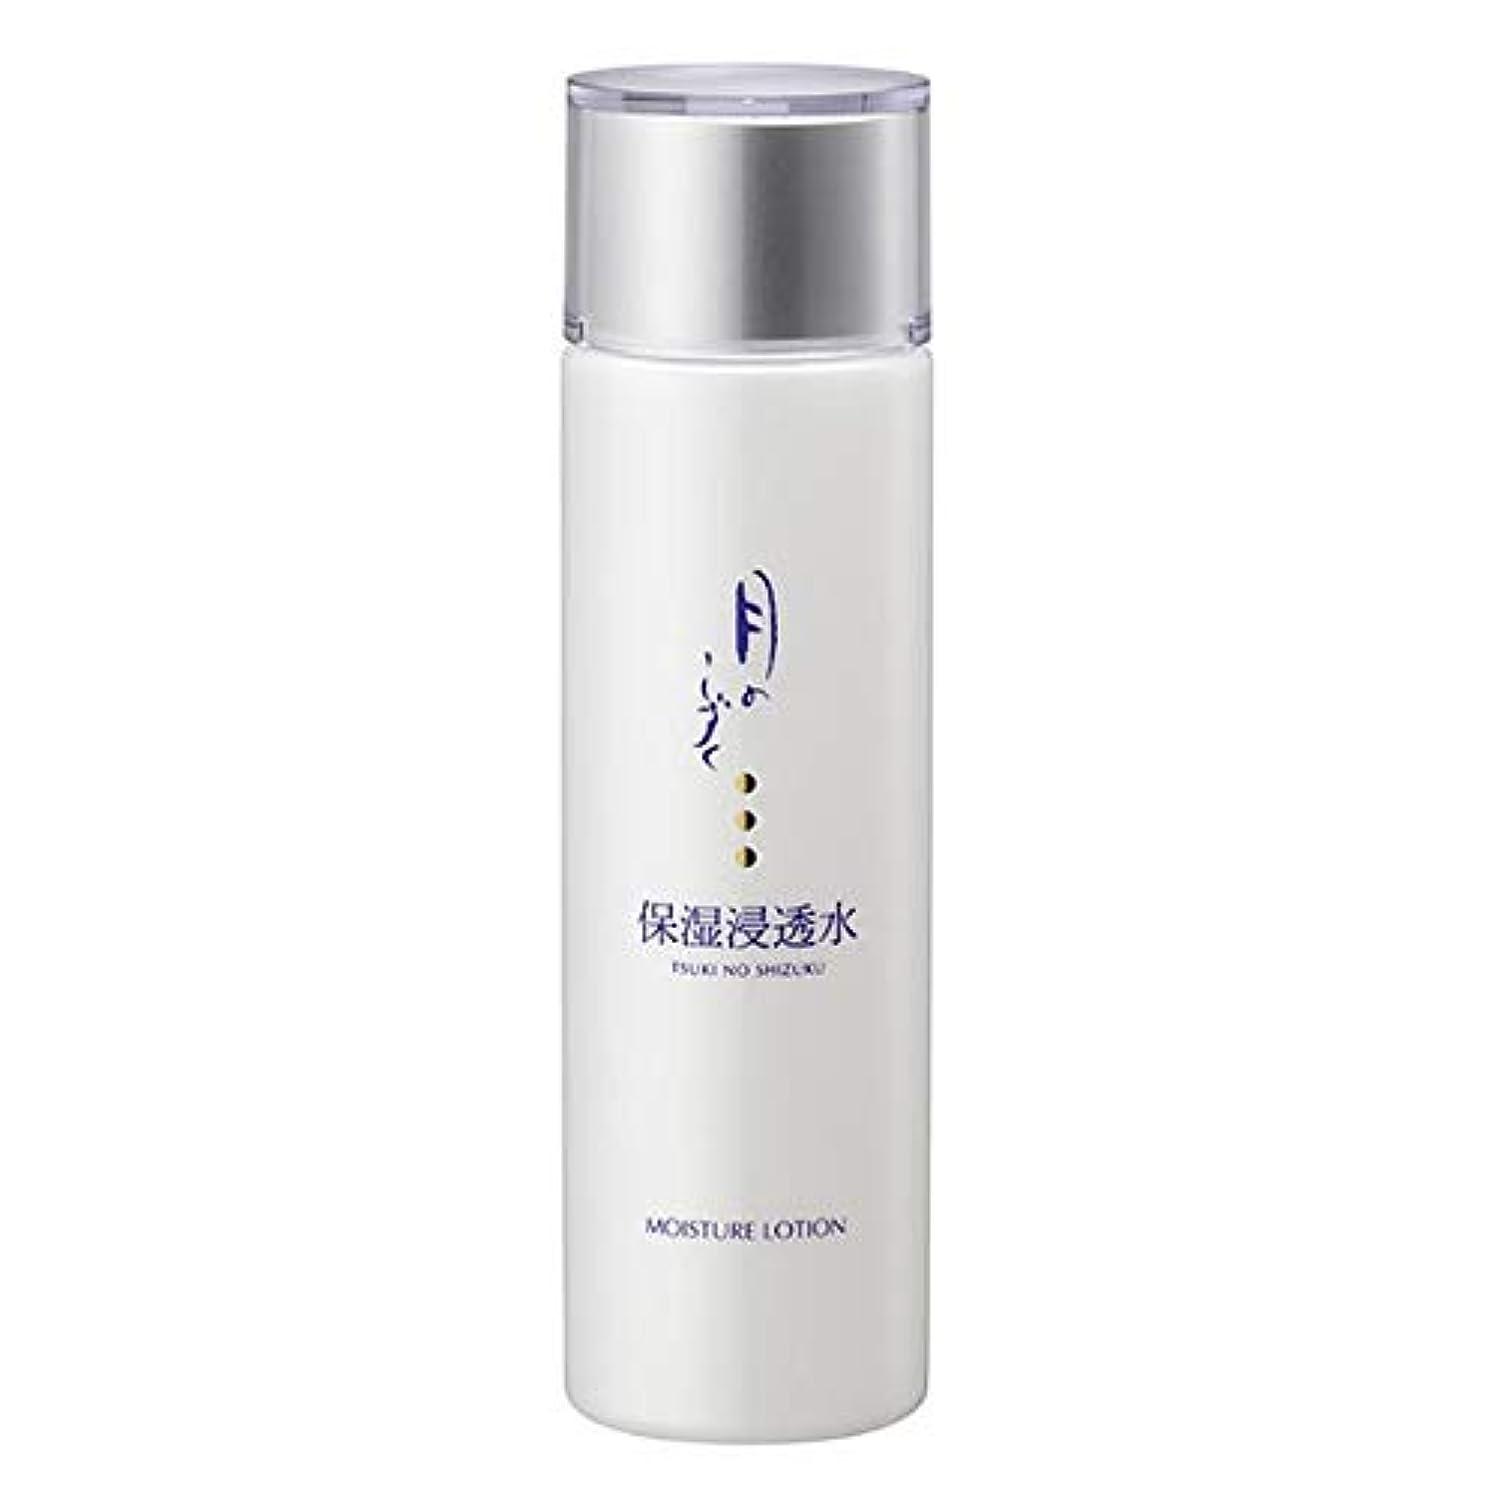 スペイン付添人家庭ゆの里温泉 月のしずく化粧品 月のしずく保湿浸透水 (保湿化粧水)